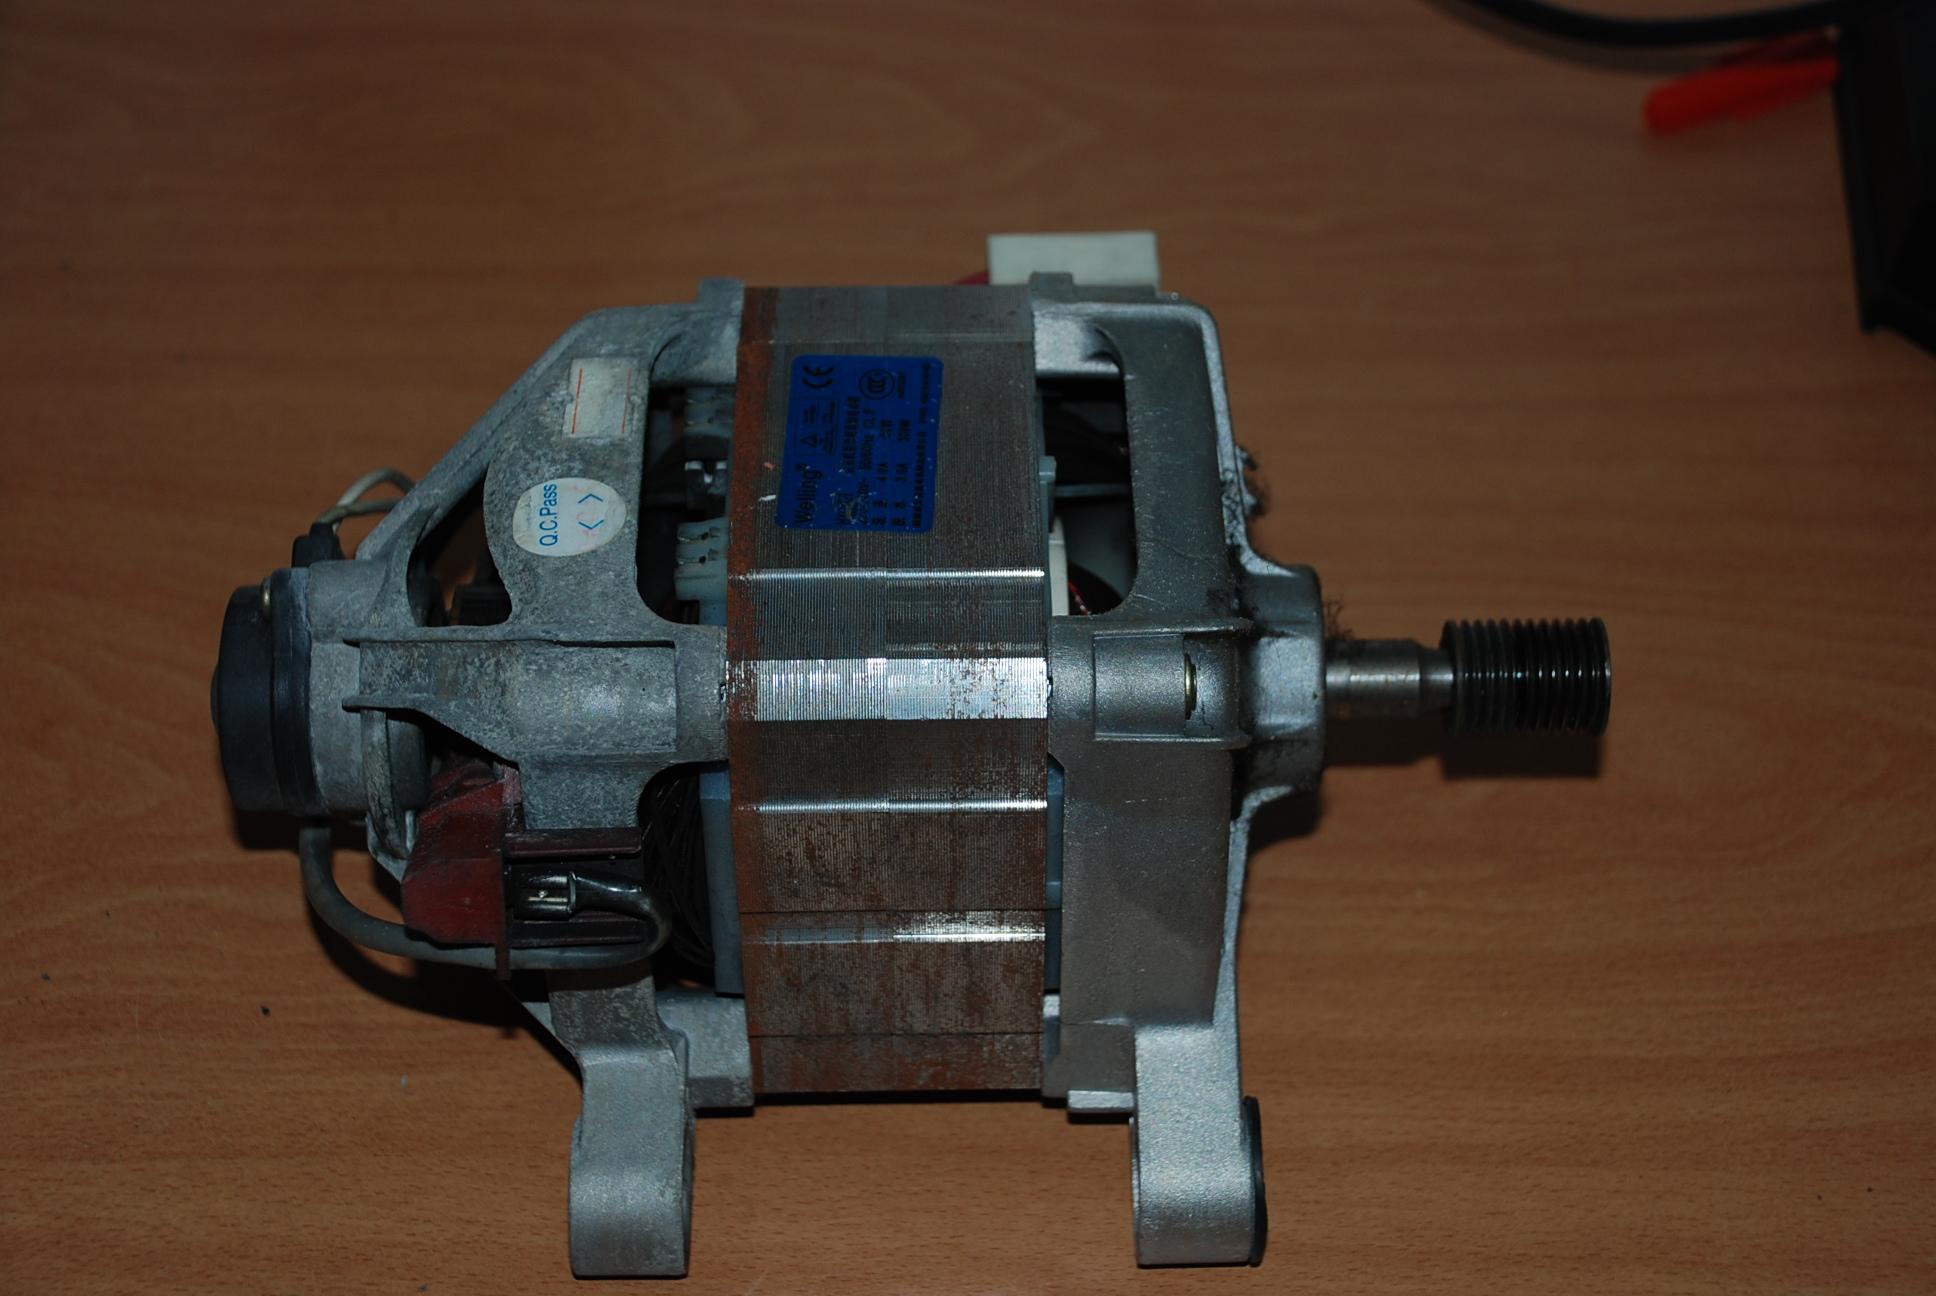 Schema Cablaggio Motore Lavatrice : Schema collegamento motore lavatrice